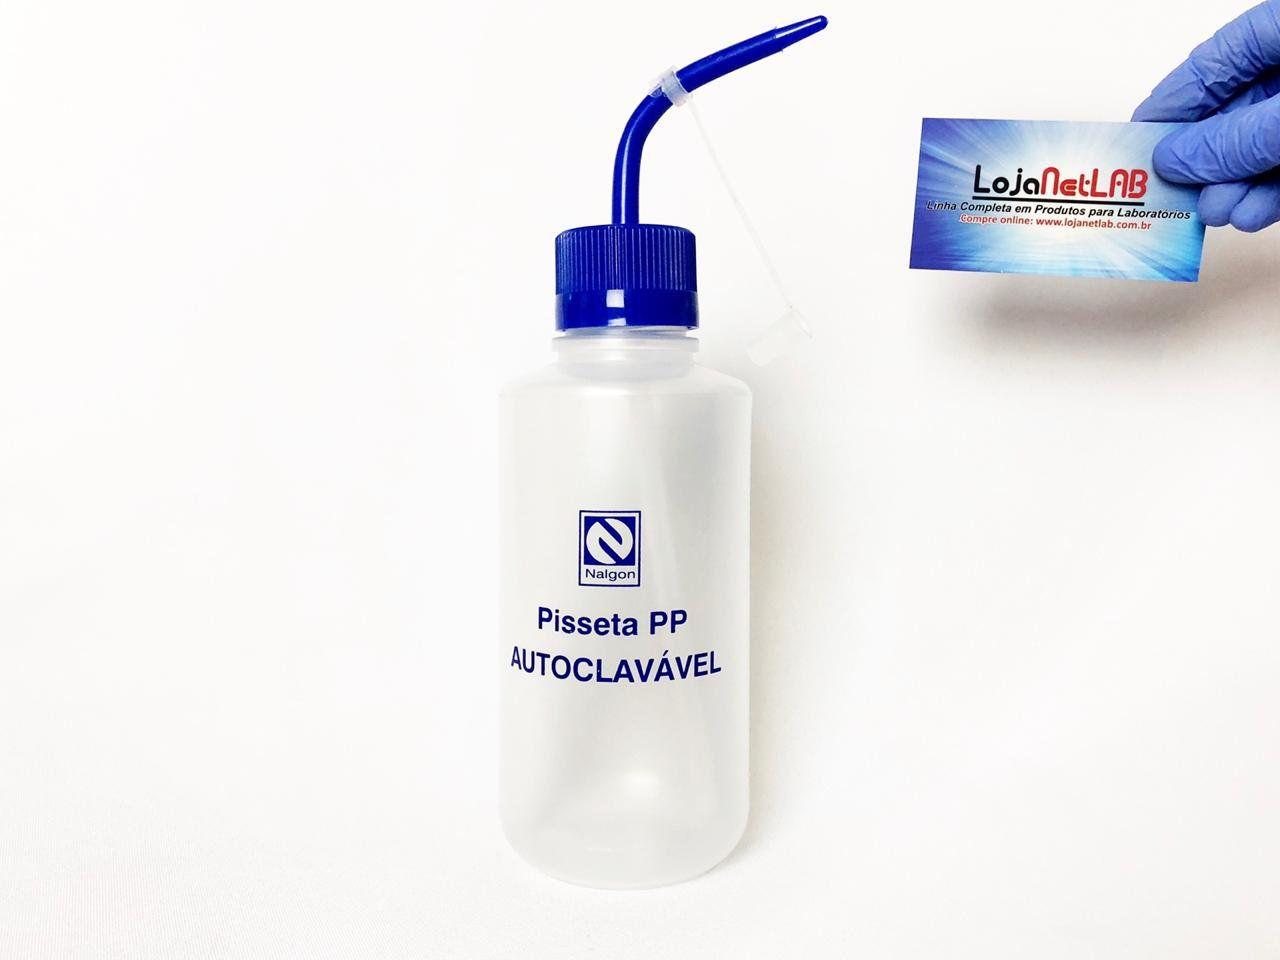 PISSETA (FRASCO LAVADOR) DE PLÁTICO(PP) AUTOCLAVÁVEL 121°C  2230 NALGON